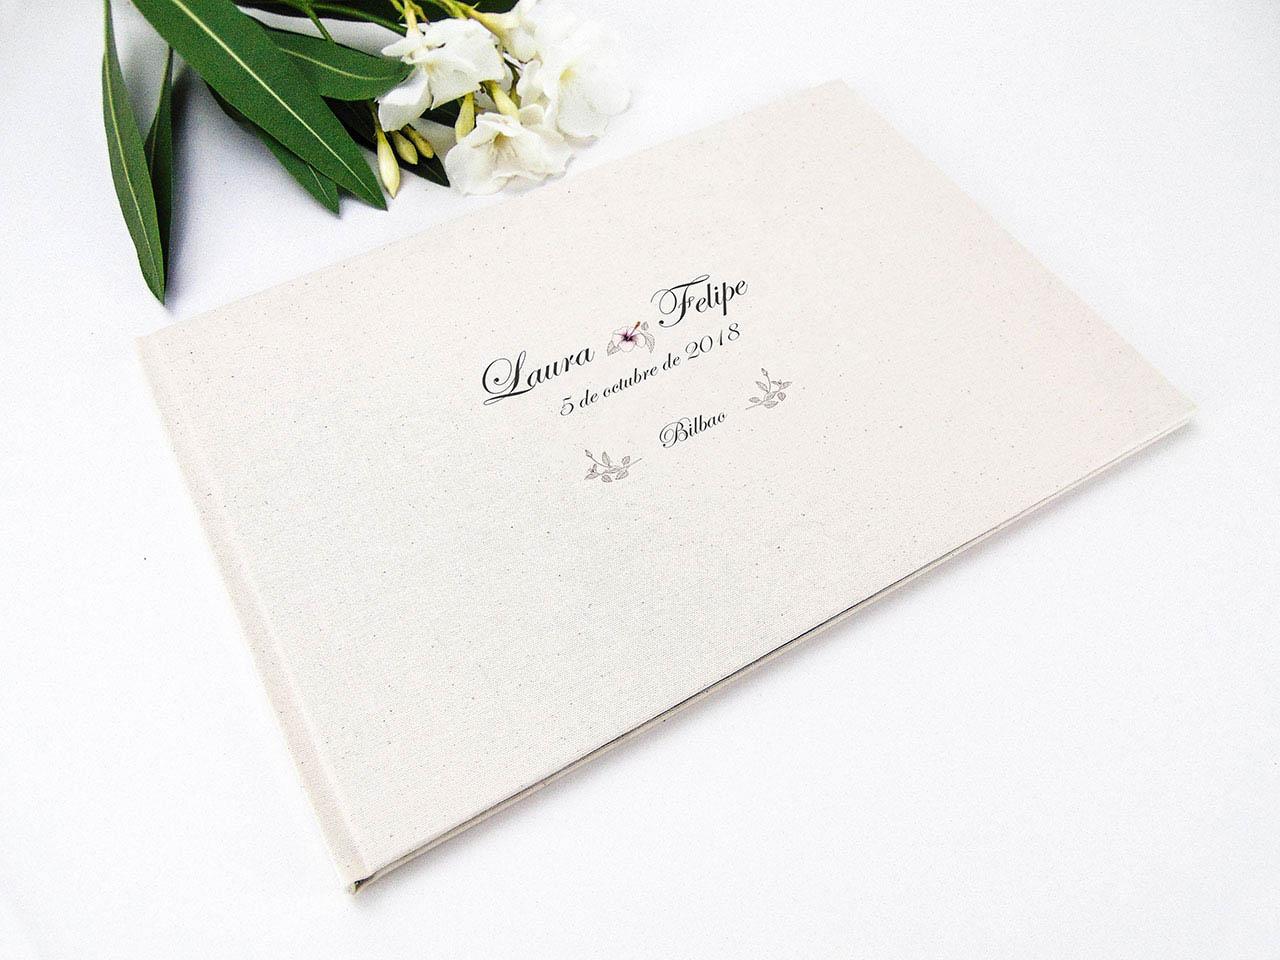 Libro de firmas forrado con tela rústica estampada.